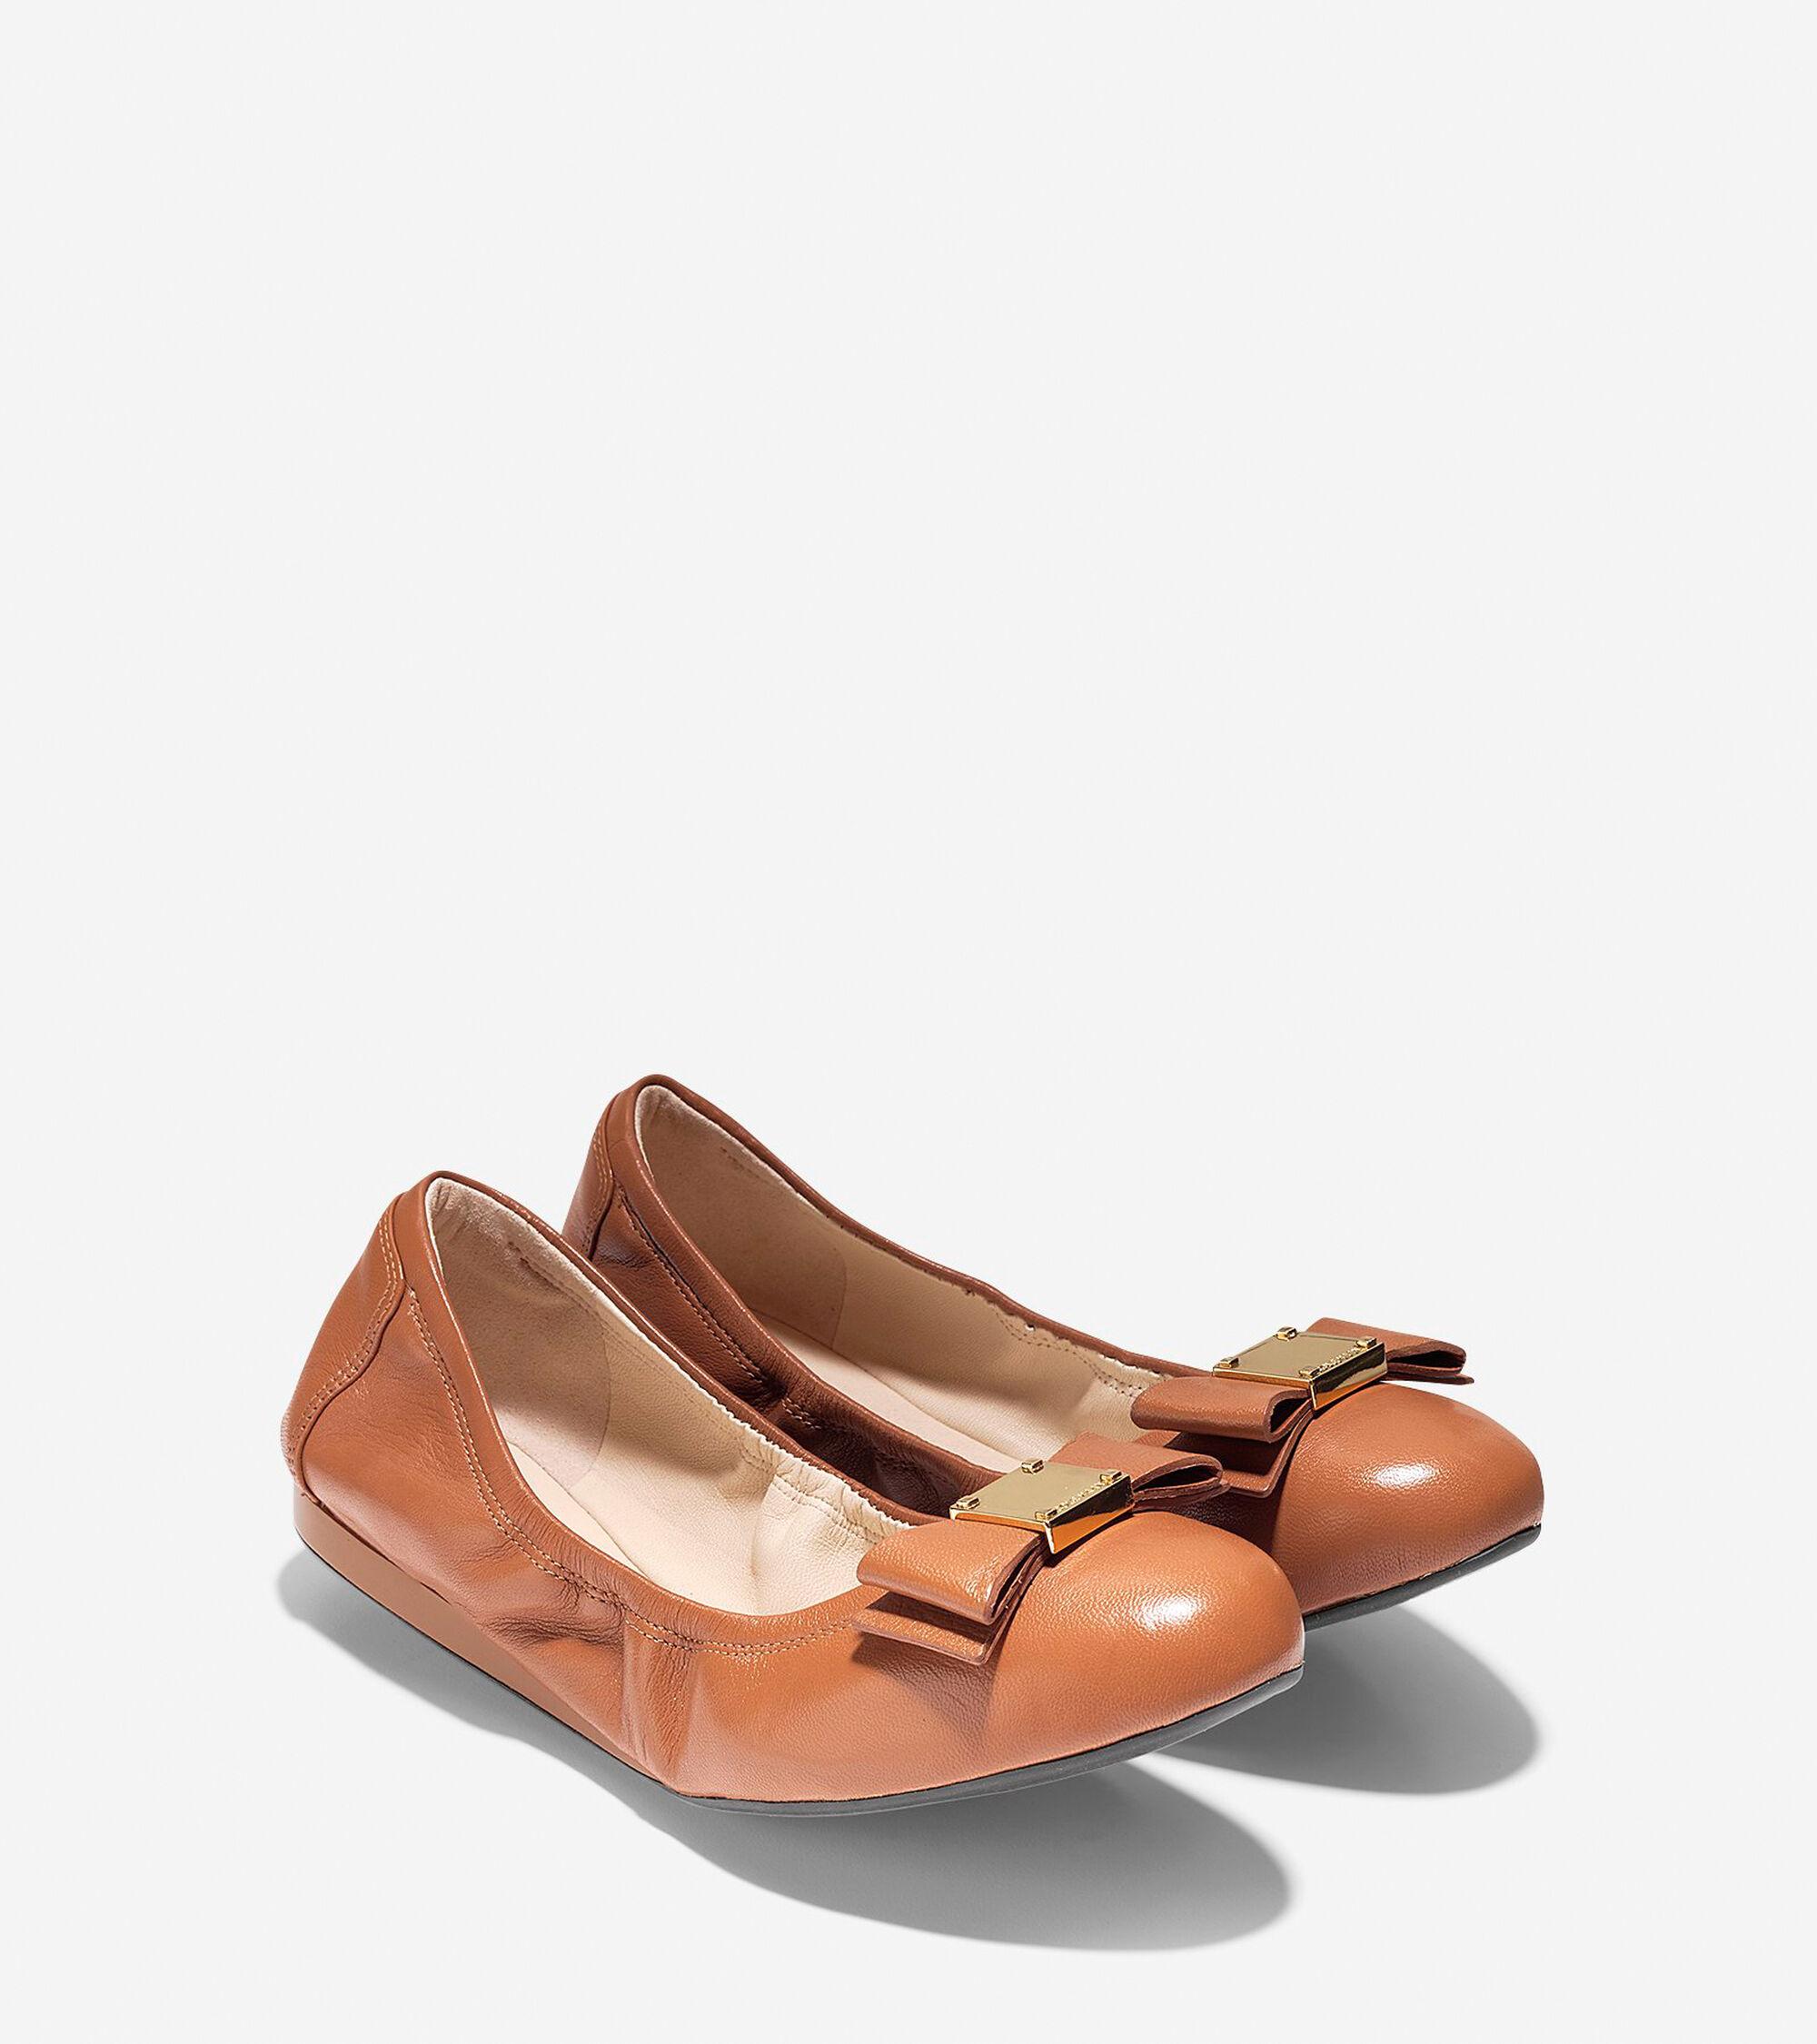 f3c2530c60b3 Women s Tali Bow Ballet Flats in British Tan